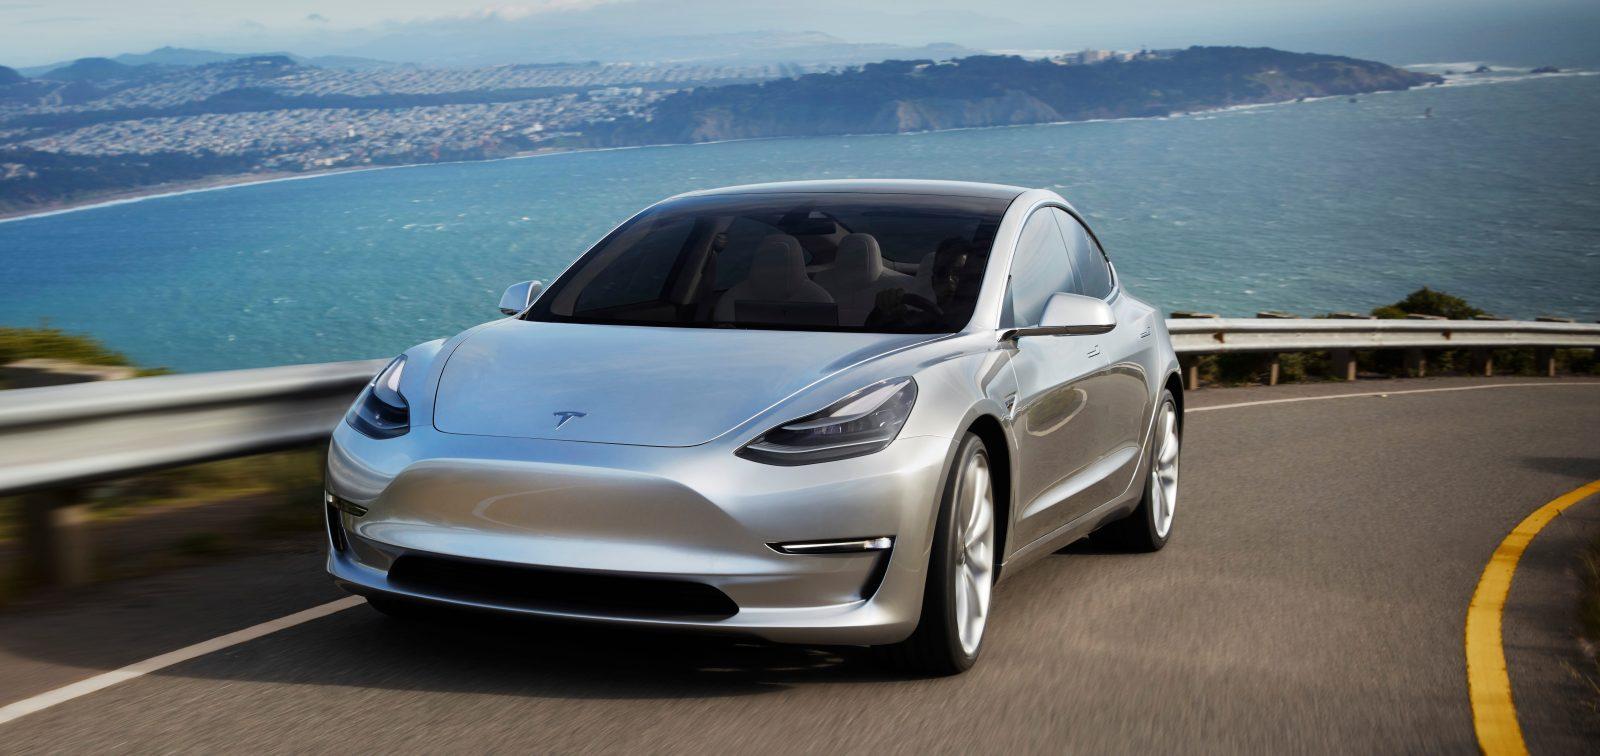 Стало известно о двойном моторе Model 3, версия Performance стоит $78 тысяч